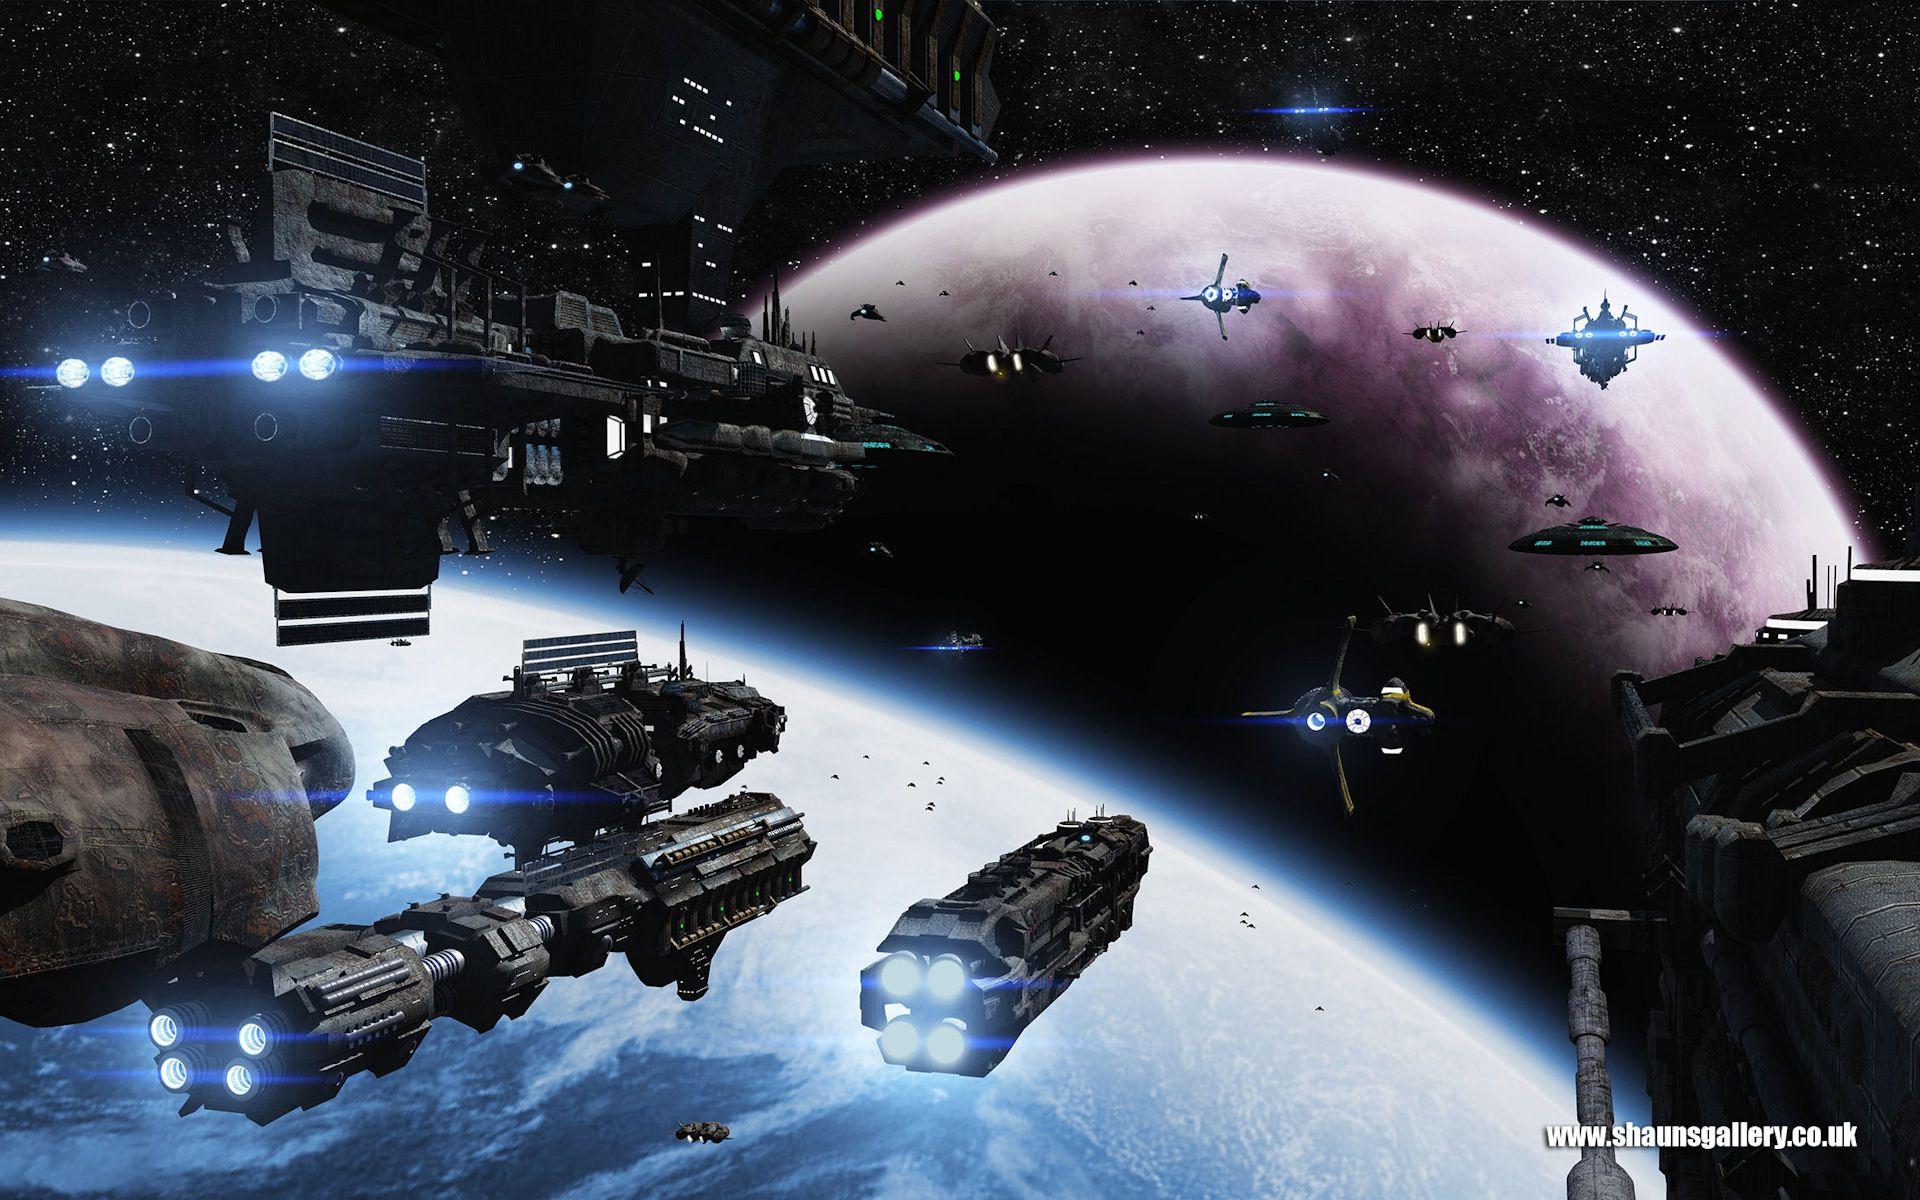 Sci Fi Desktop Backgrounds - WallpaperSafari